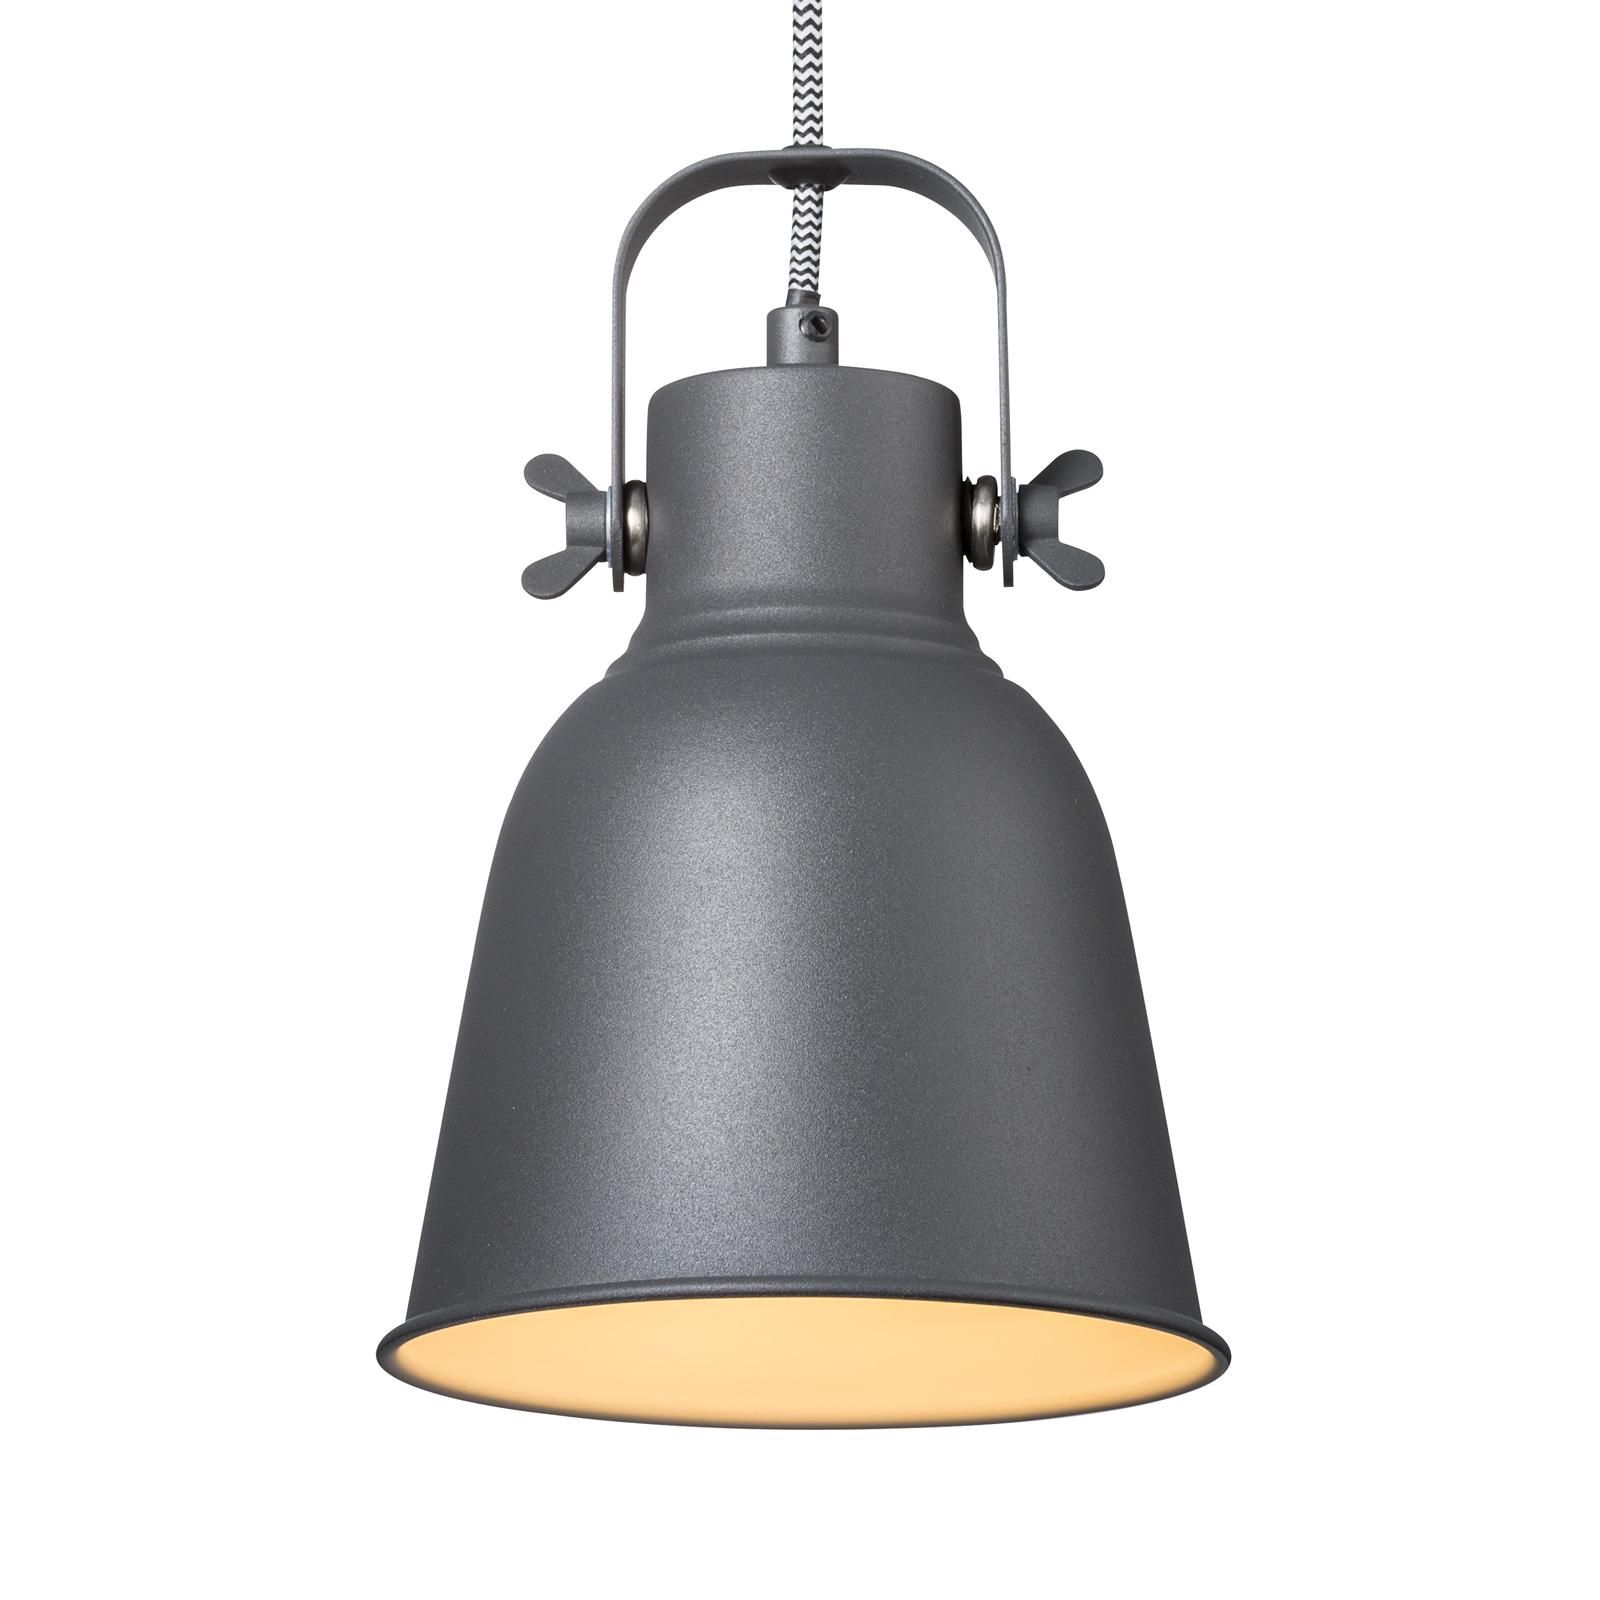 Lampa wisząca Adrian w kolorze czarnym, Ø 16cm